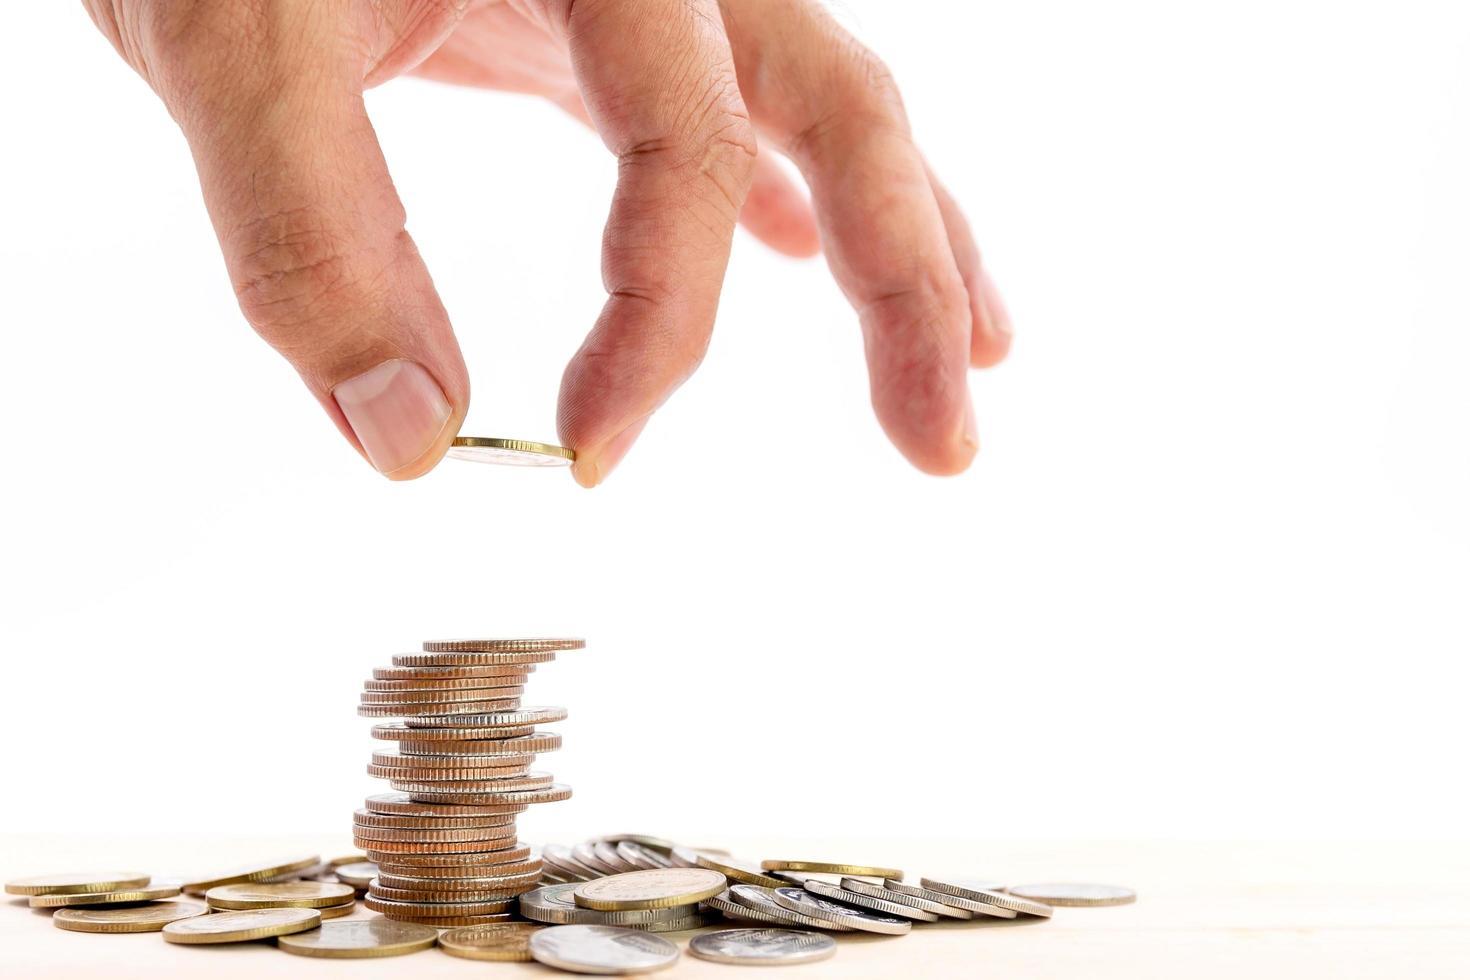 Mano humana poniendo una moneda sobre un montón de monedas sobre fondo blanco. foto